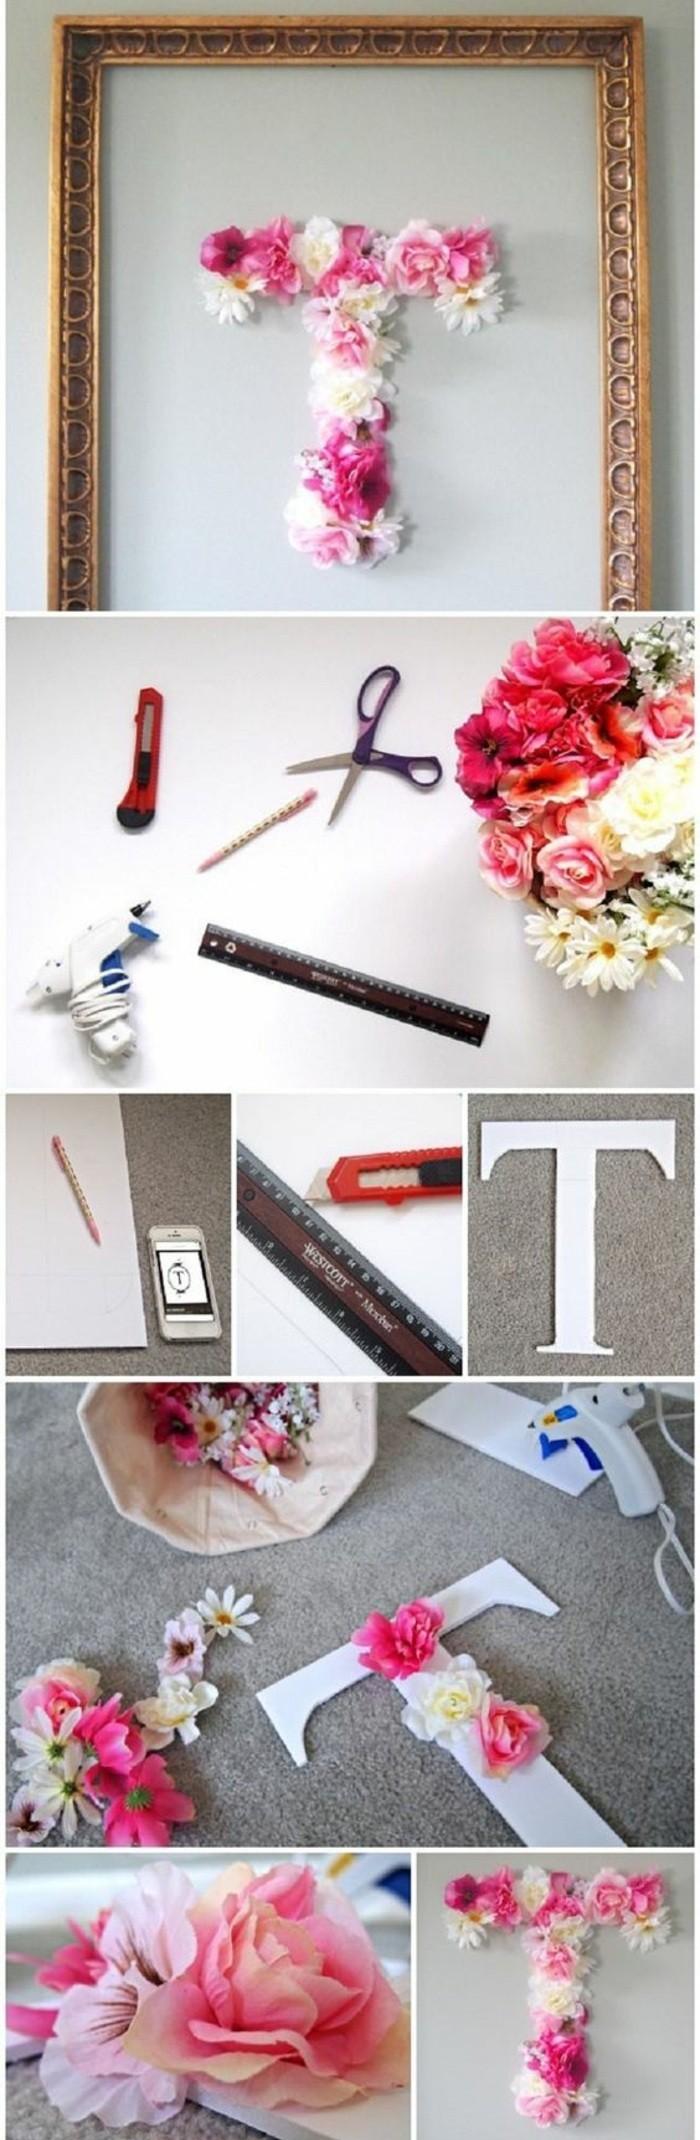 Come decorare le pareti, cornice di legno con lettera, lettera T con fiori